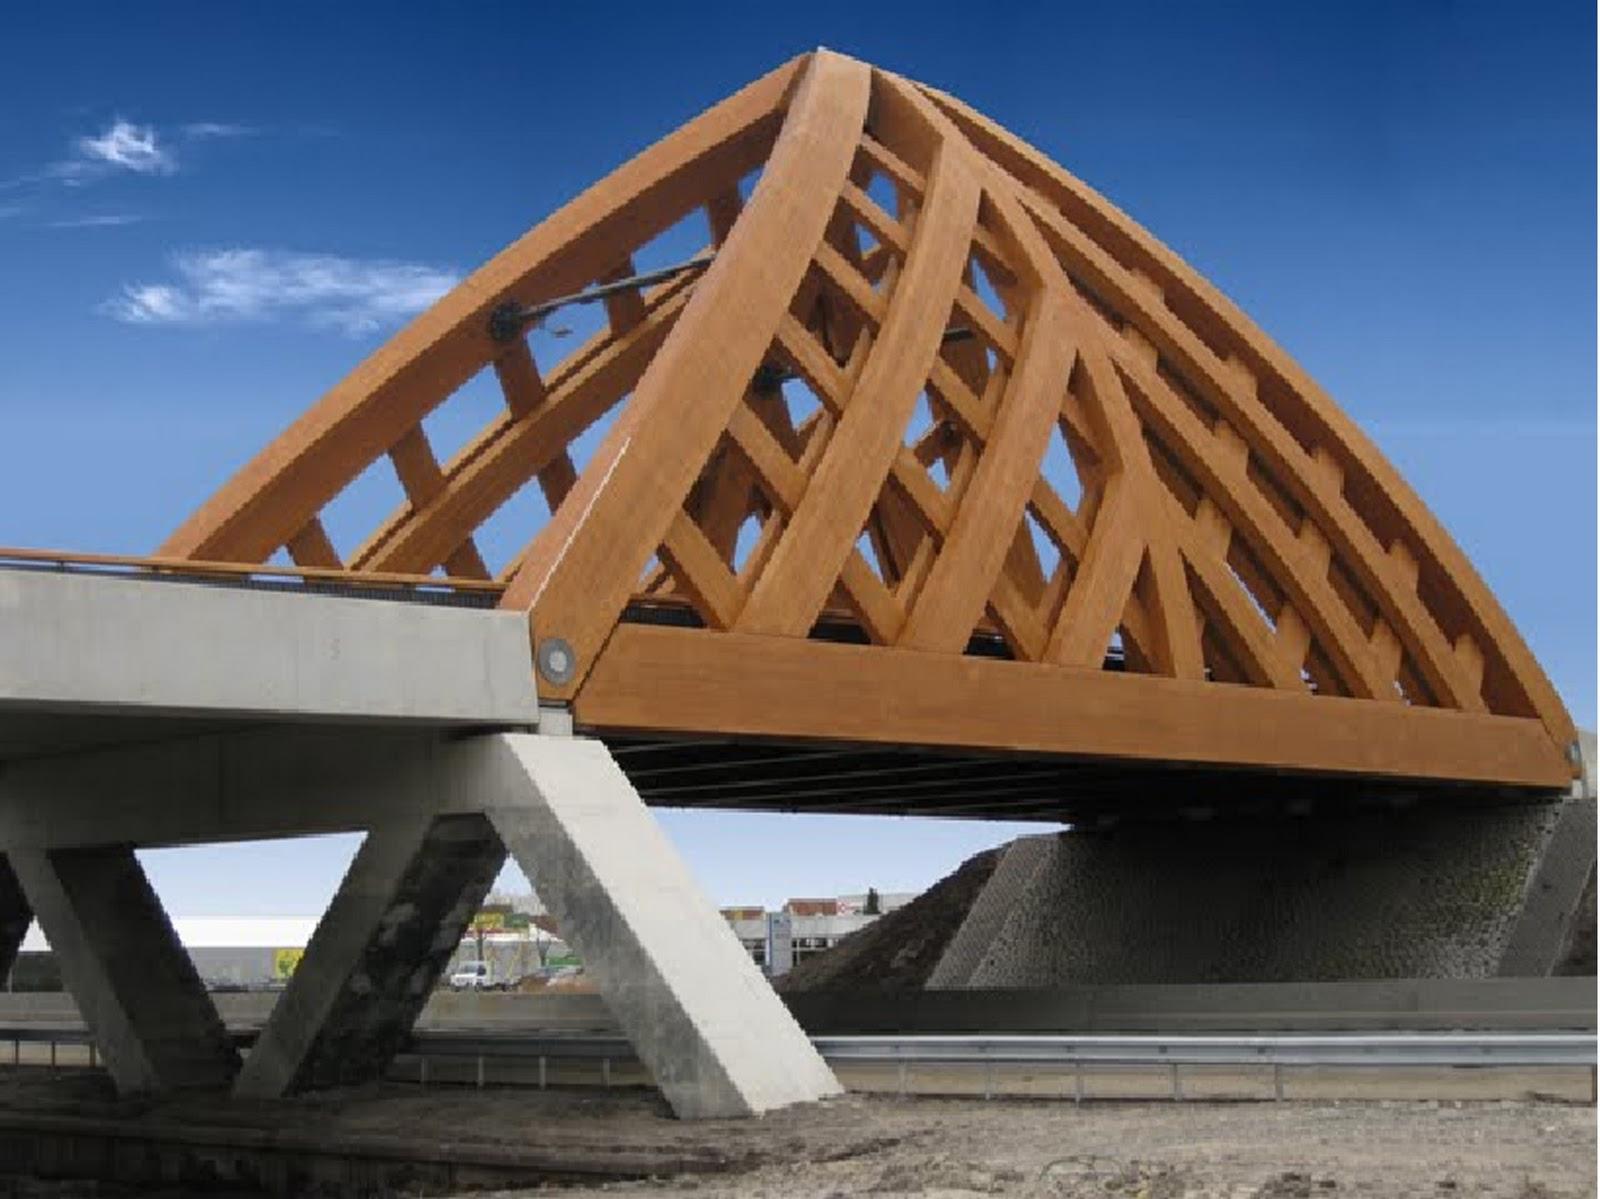 Garage arq qu es el dise o param trico for Arquitectura parametrica